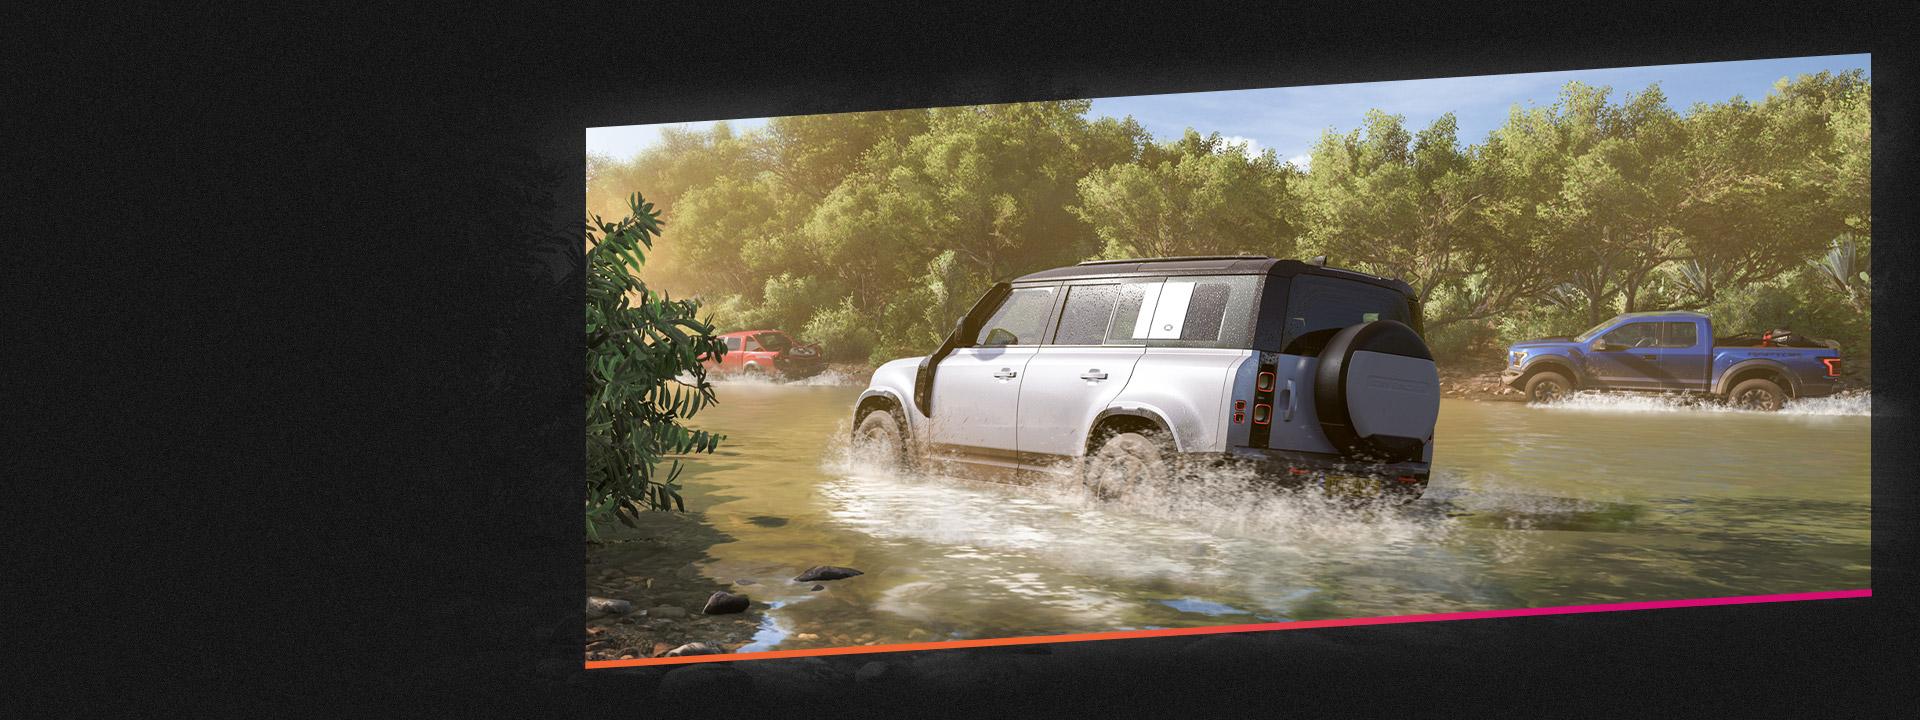 강을 따라 달리는 자동차 세 대.